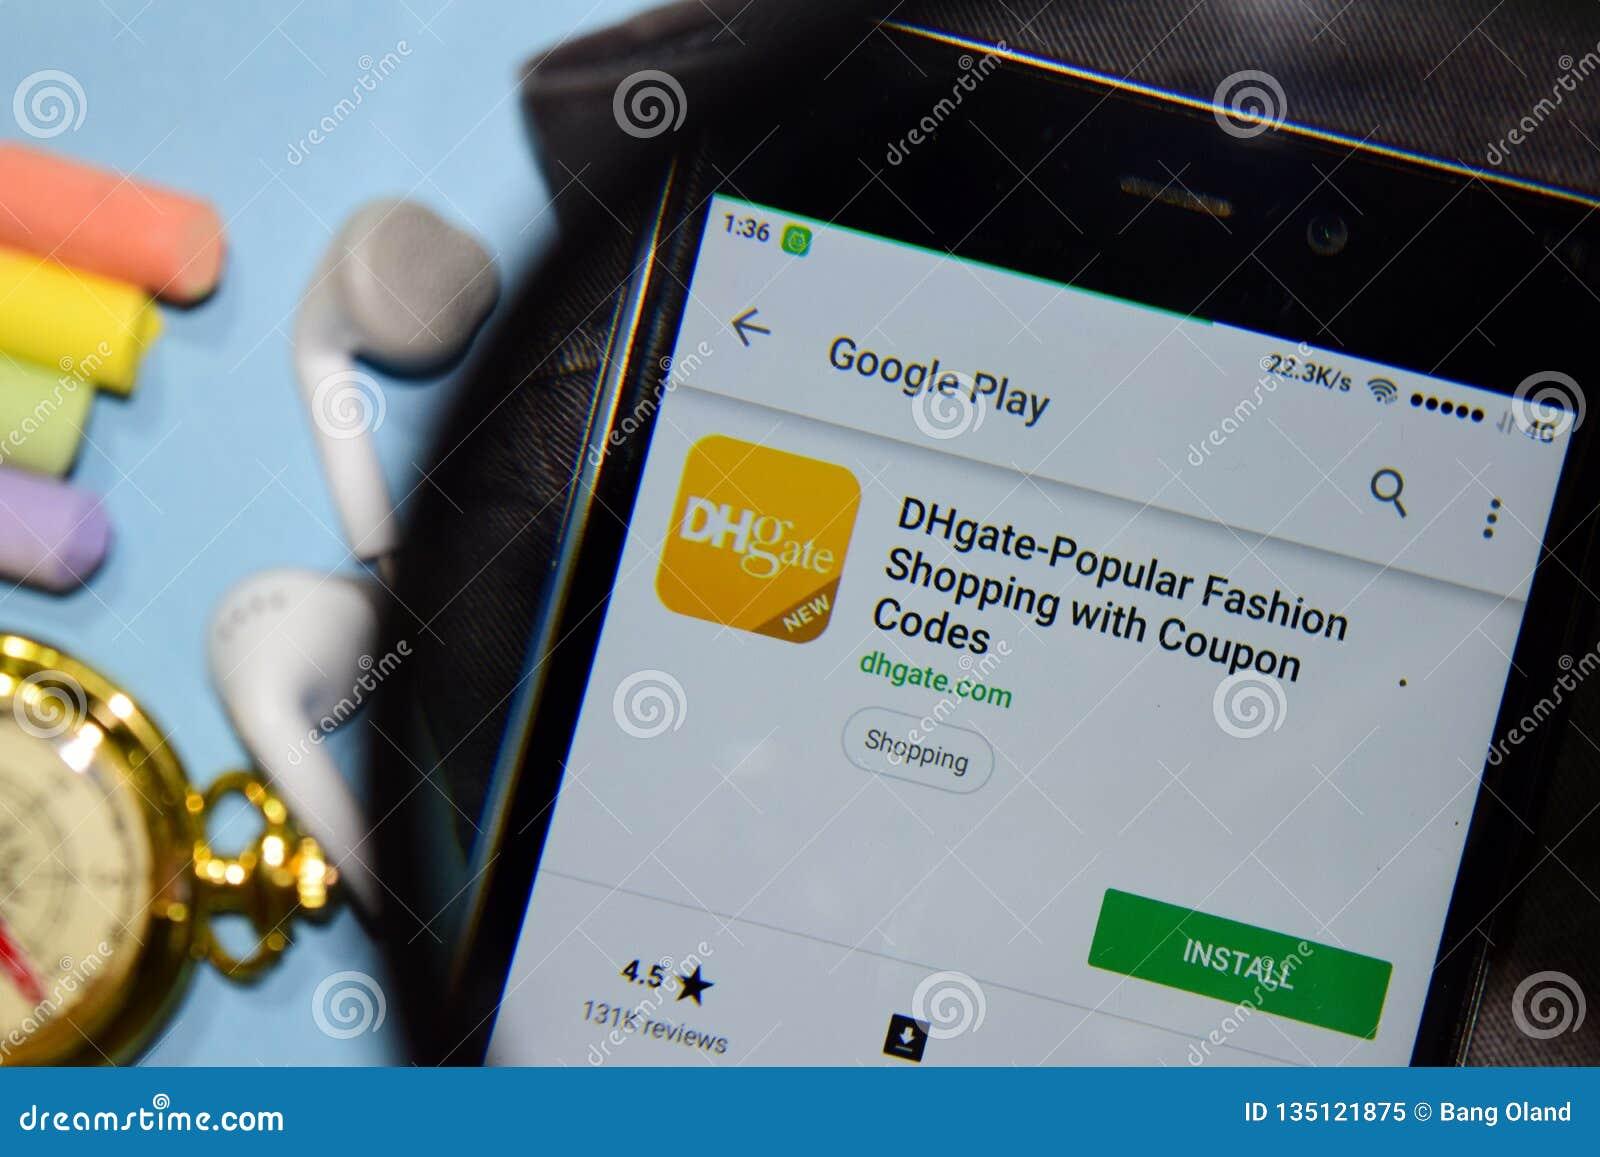 De dhgate-populaire Manier die met Coupon winkelen codeert dev app met het overdrijven op Smartphone-het scherm